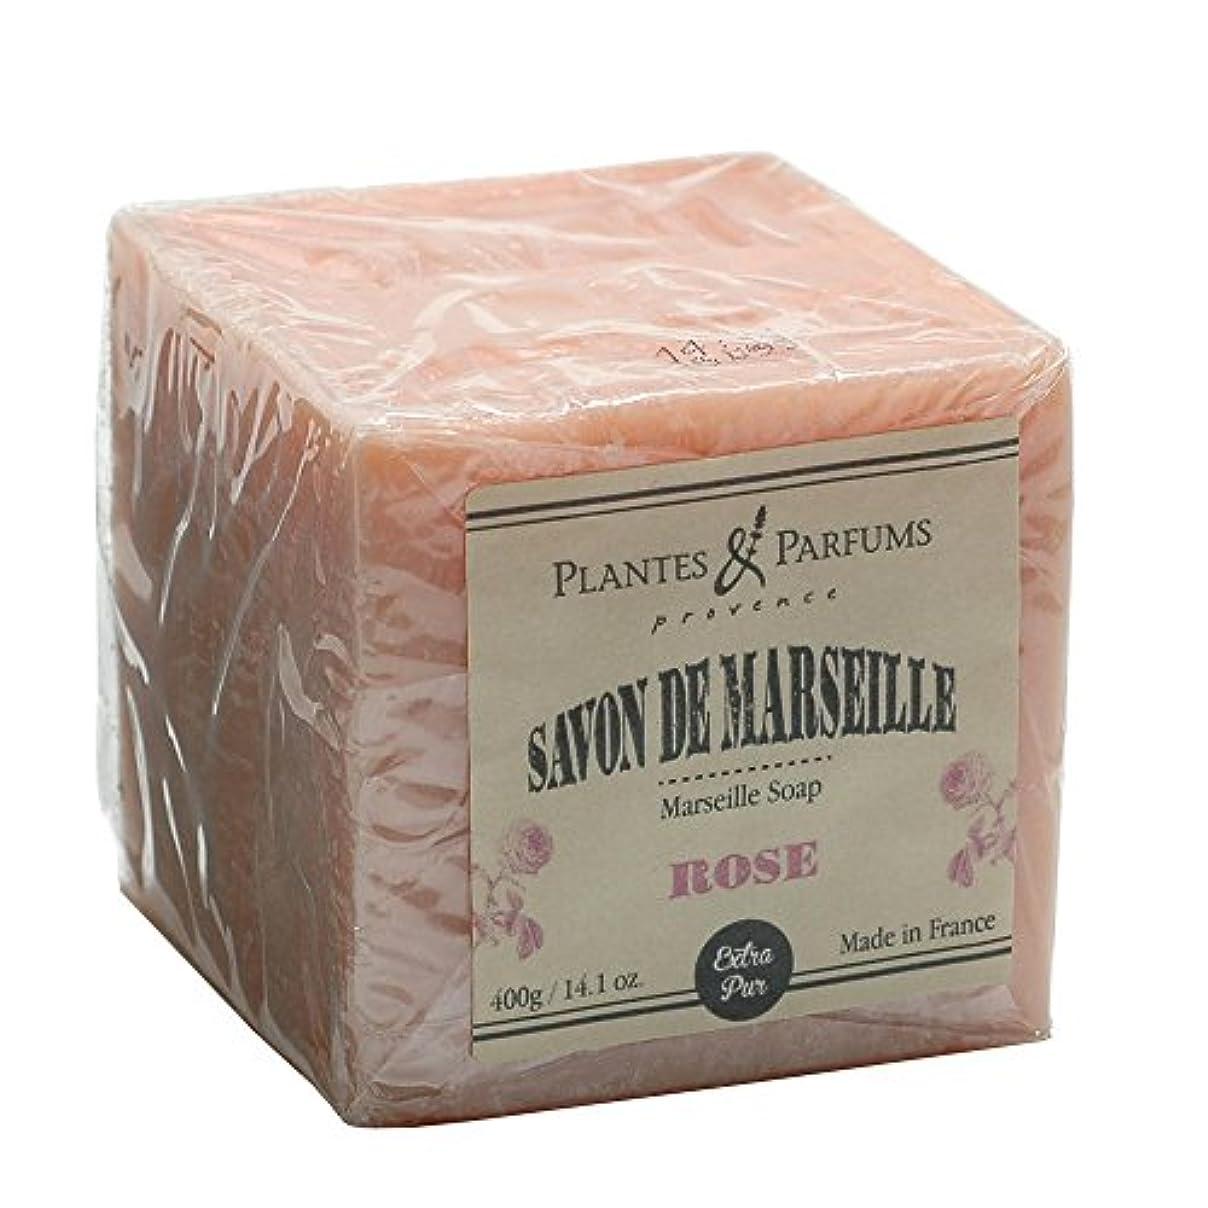 姉妹悪化させるあからさまPlantes&Parfums [プランツ&パルファム] マルセイユソープ400g ローズ